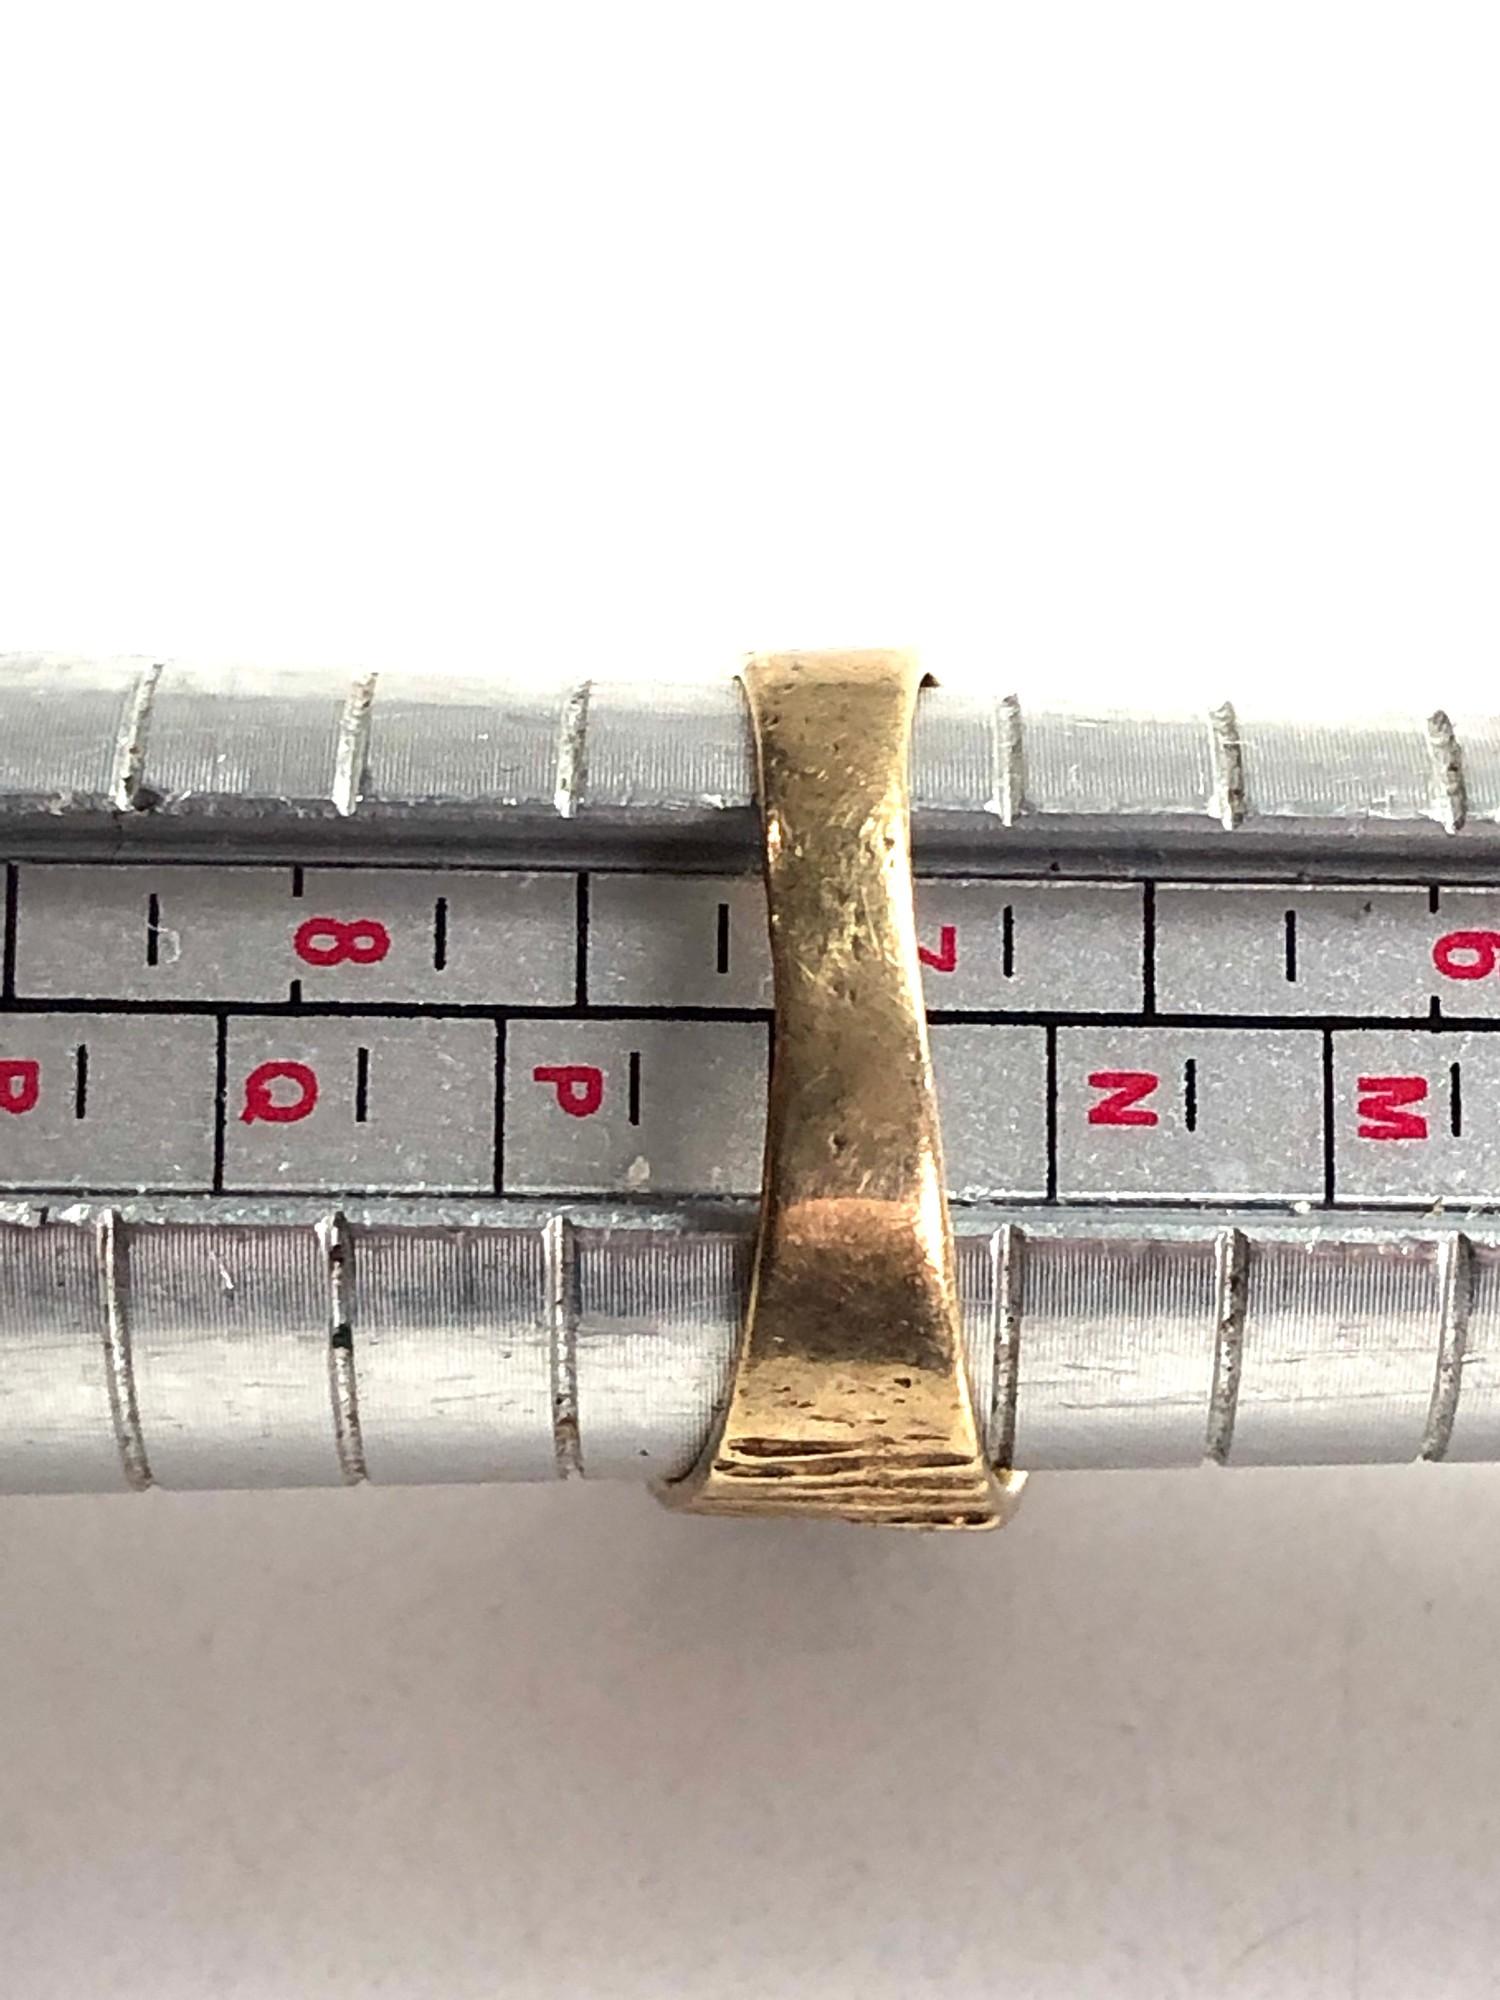 1970s bark textured garnet cluster ring 3.4g - Image 3 of 3